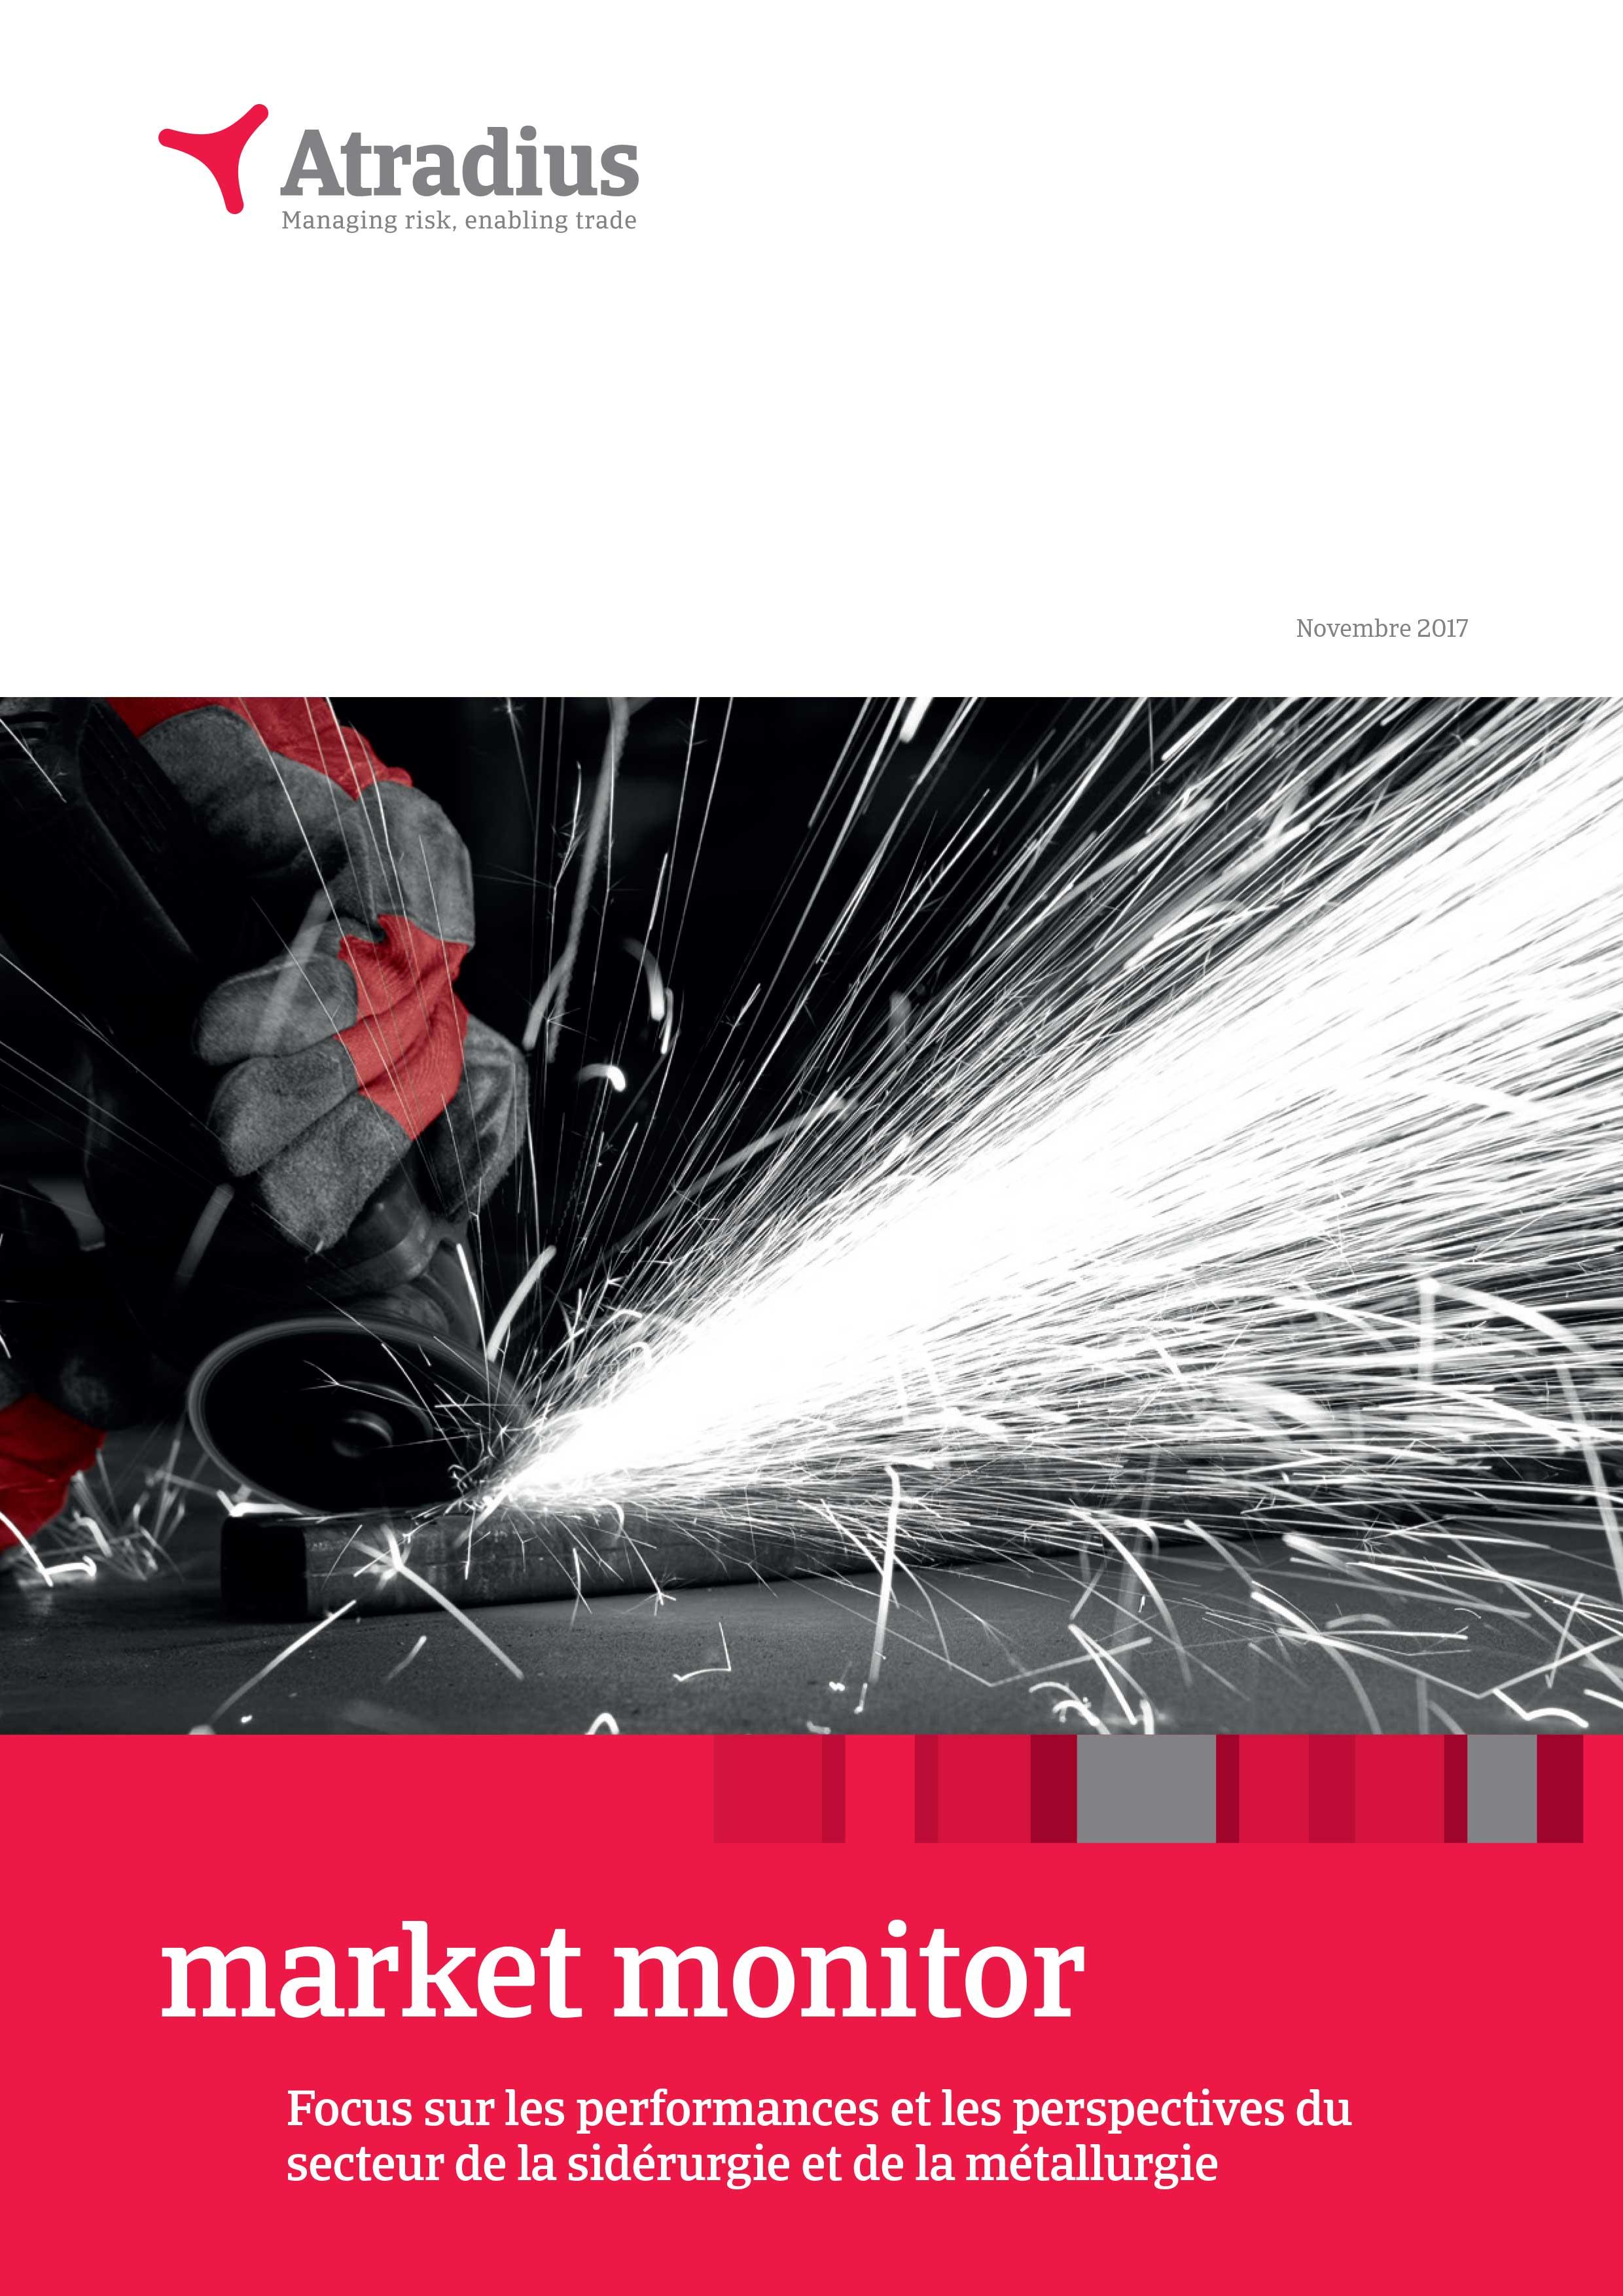 Focus sur les performances et les perspectives du secteur de la sidérurgie et de la métallurgie